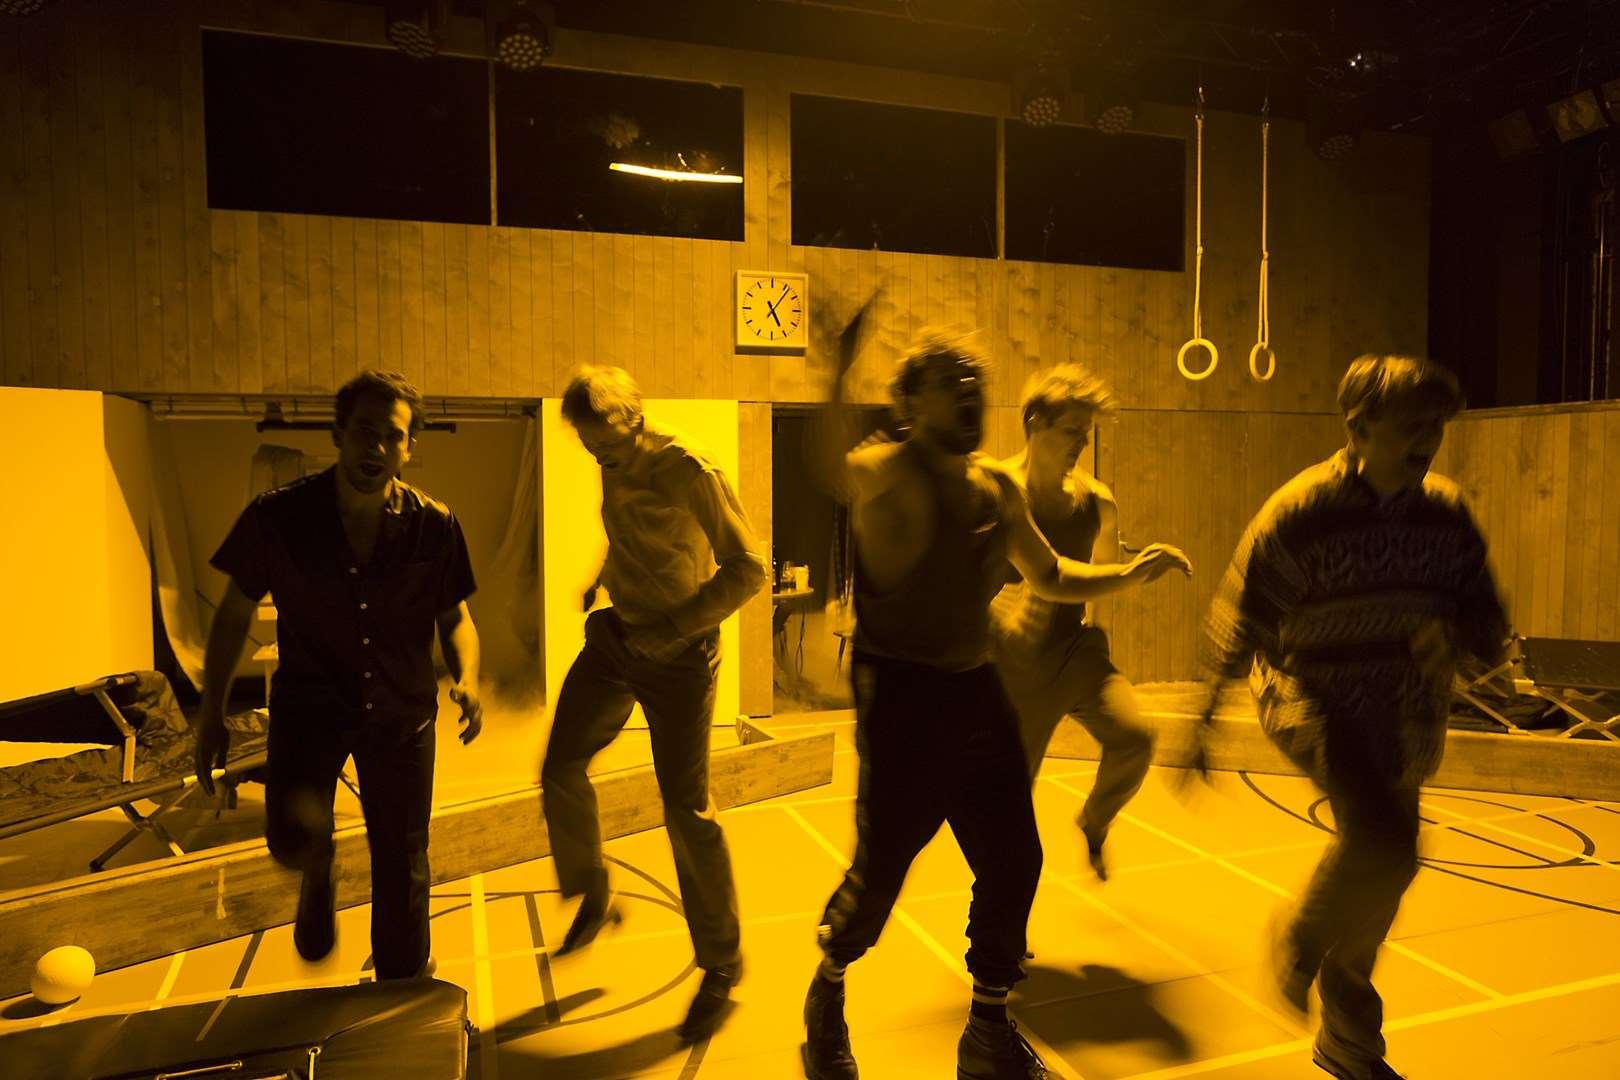 eigentlich müssten wir tanzen © Rolf Arnold